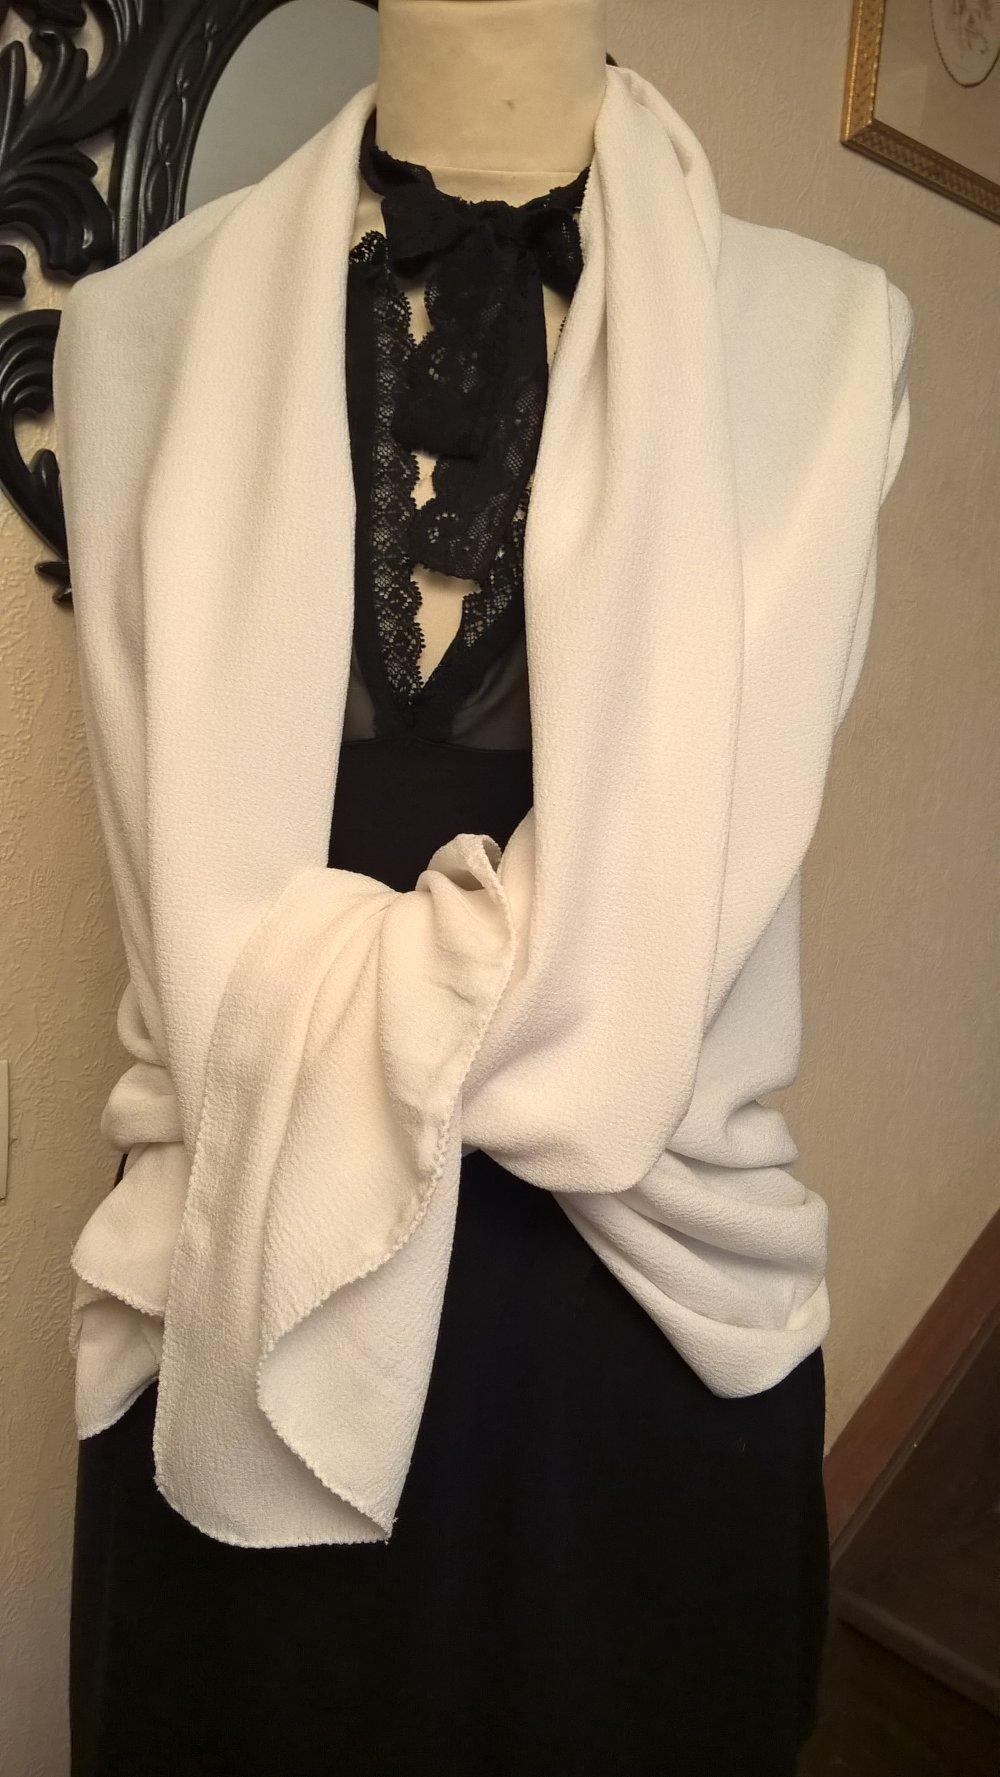 Étole de mariage,en tissu crêpe de couleur crème ivoire